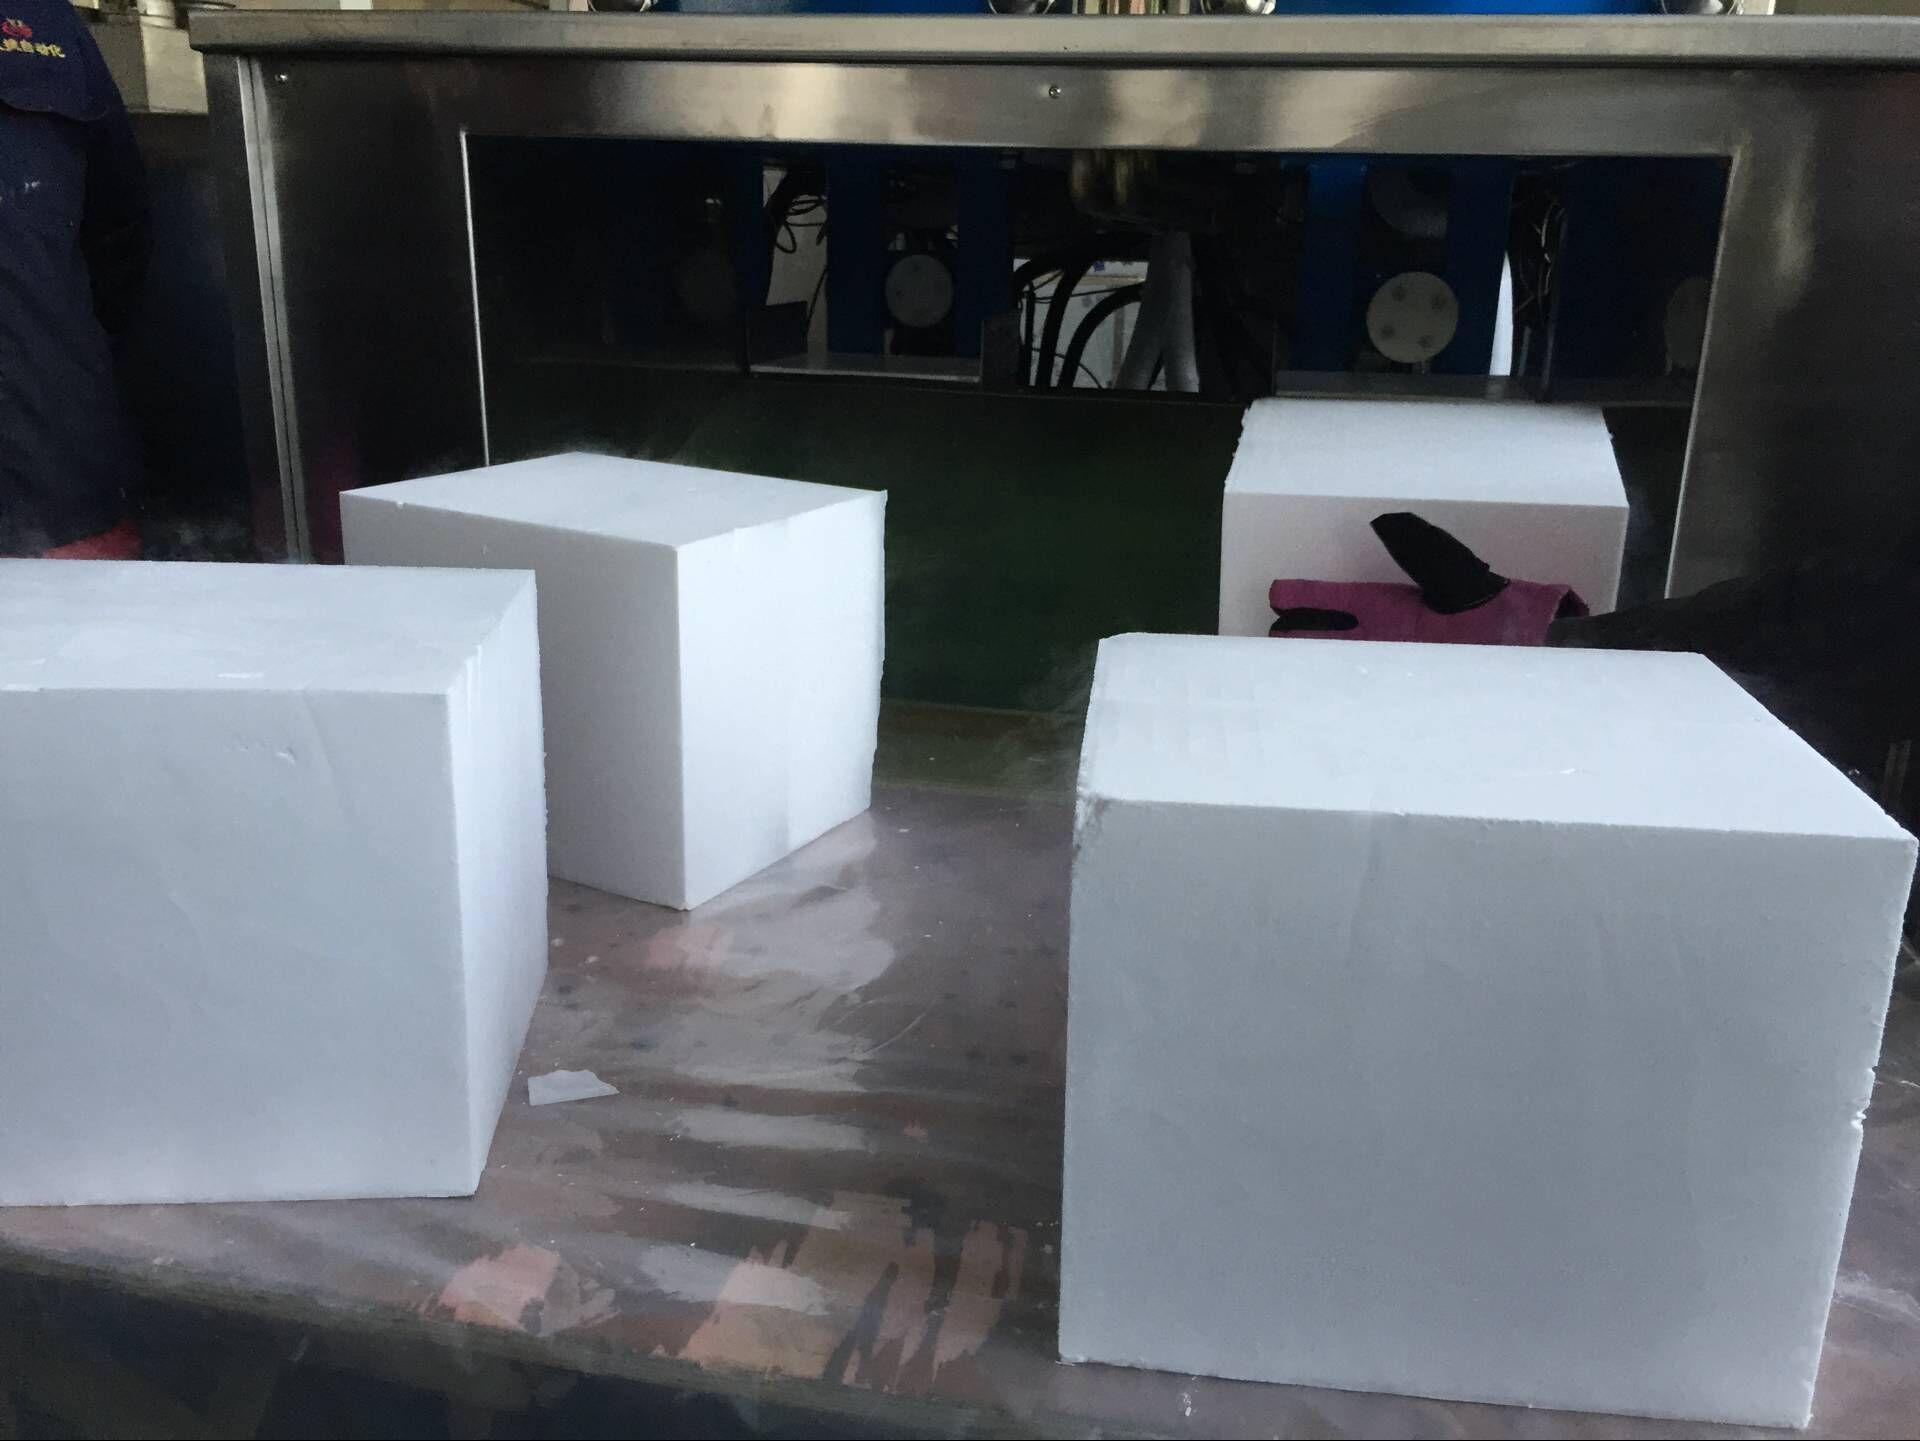 Sinocean JHK800 Dry Ice block Machine producing 30kg dry ice blocks